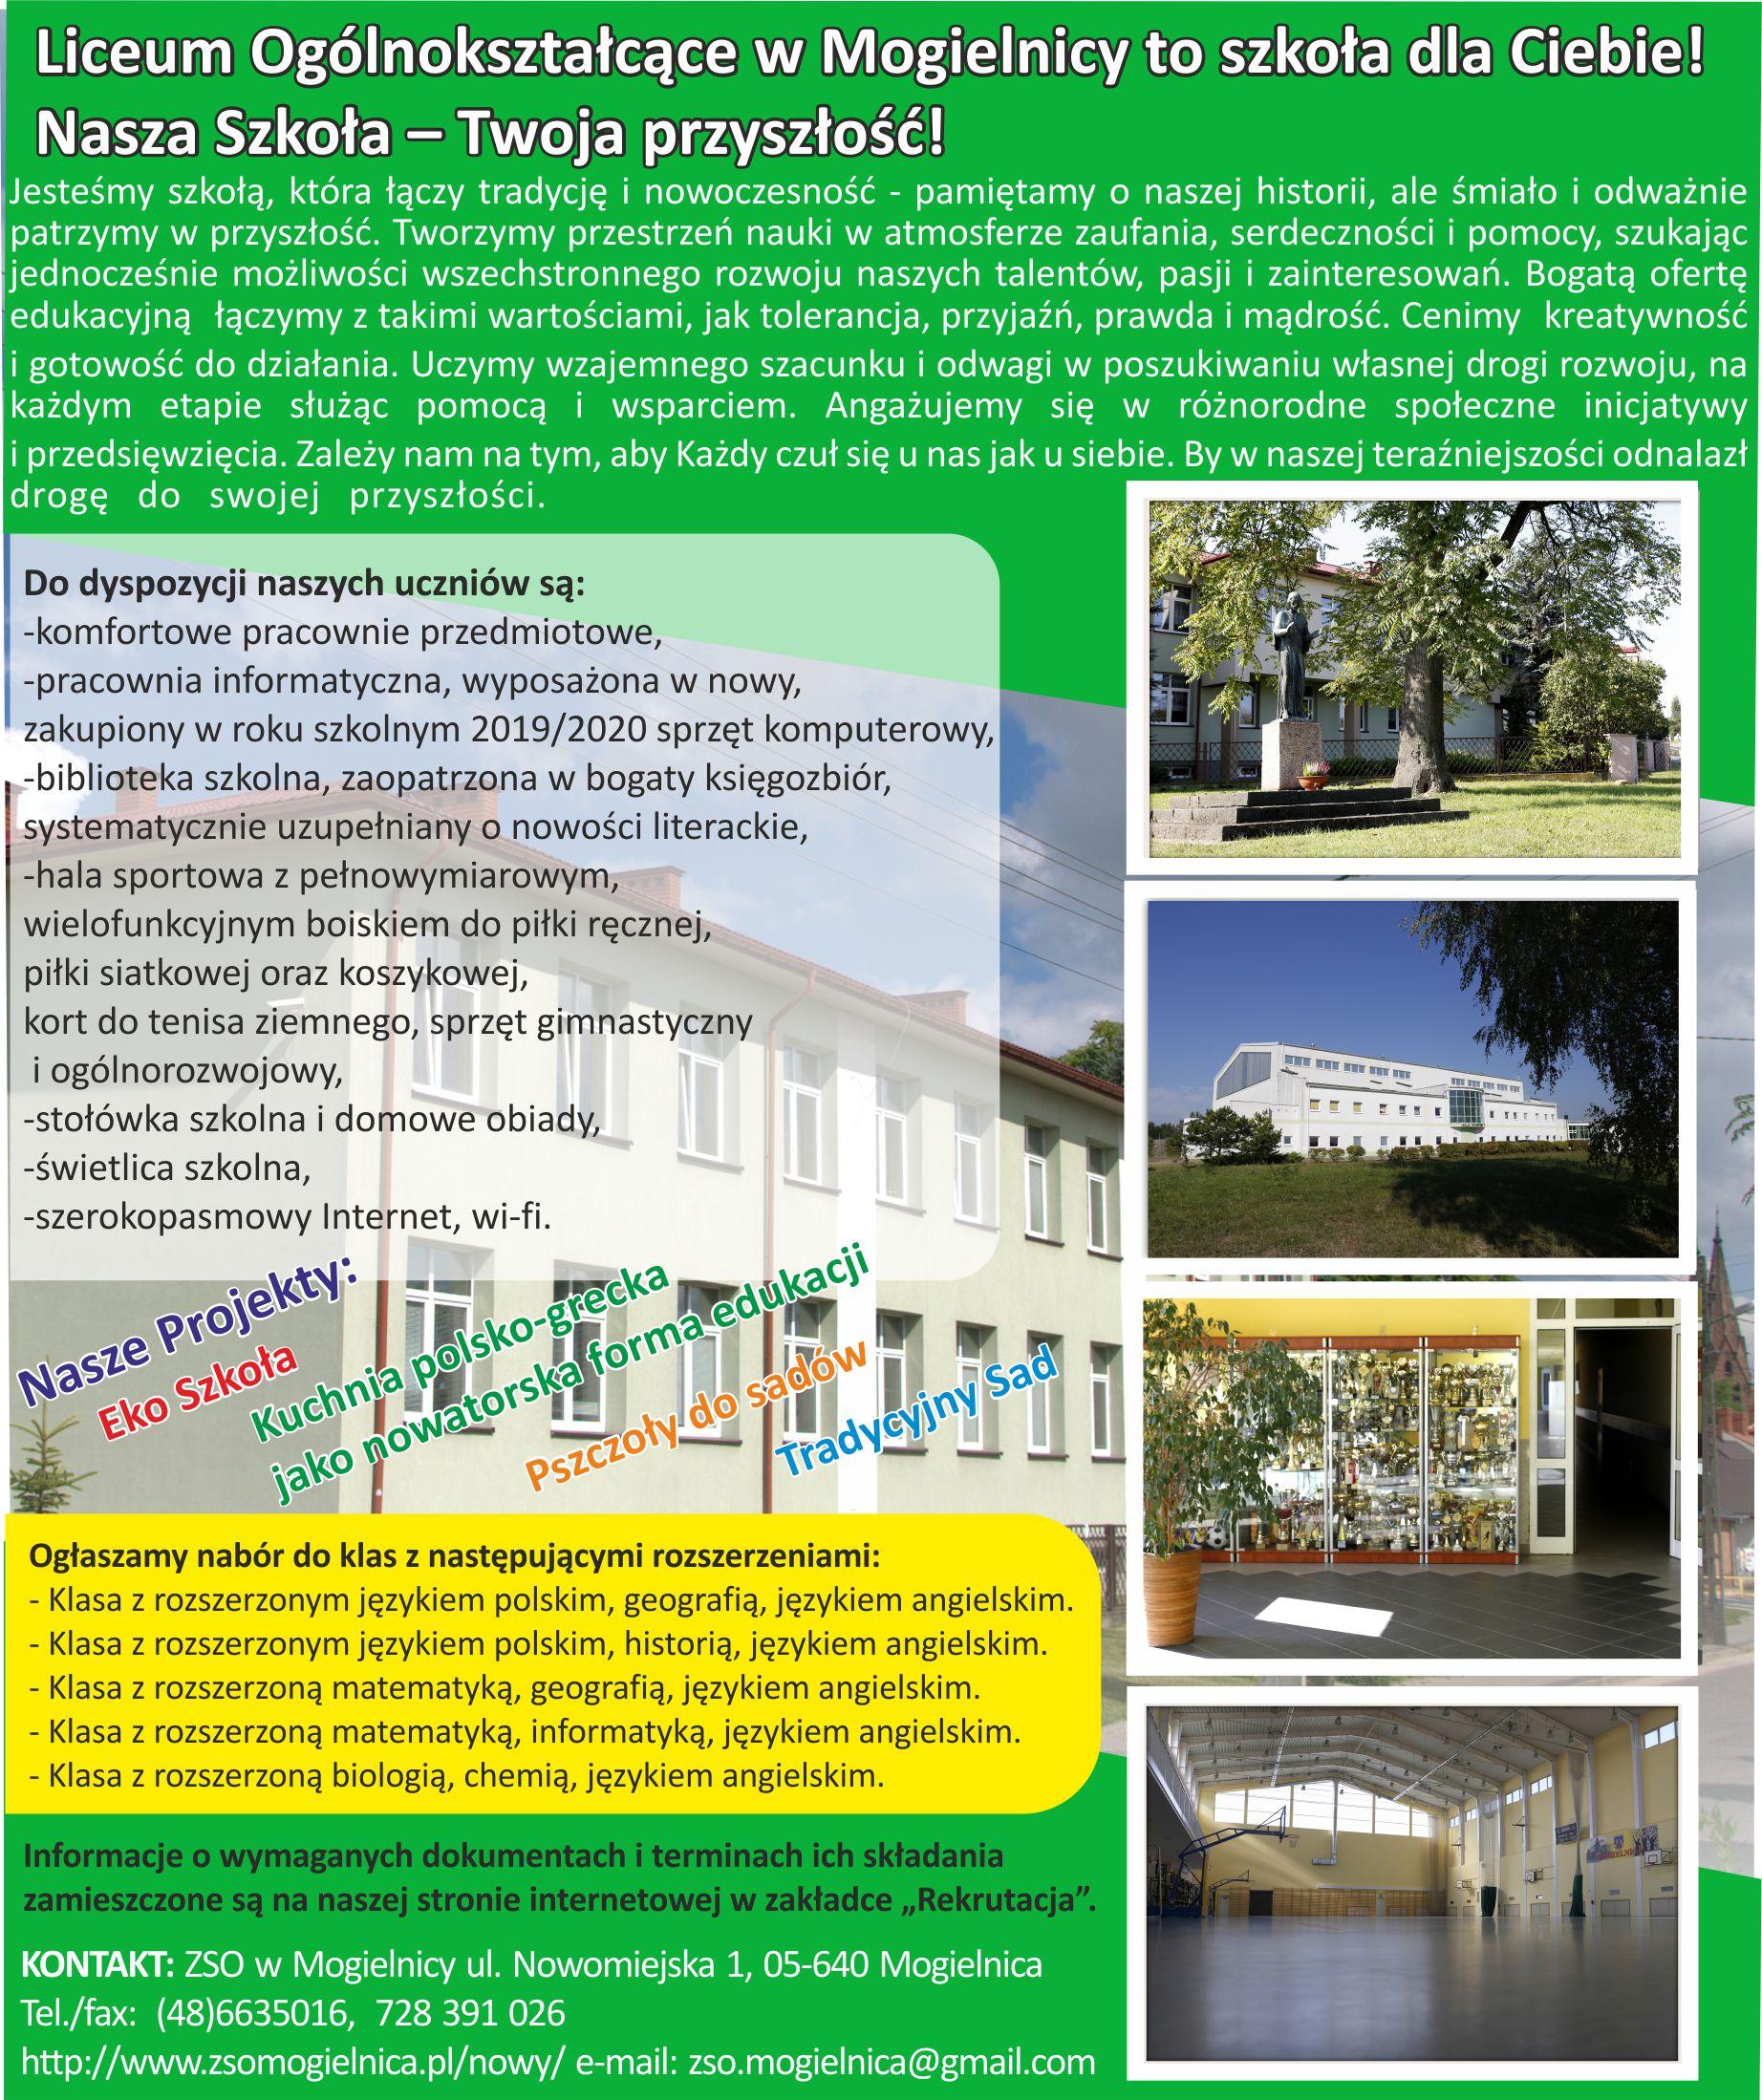 Liceum Ogólnokształcące w Mogielnicy to szkoła dla Ciebie! Nasza Szkoła-Twoja Przyszłość!